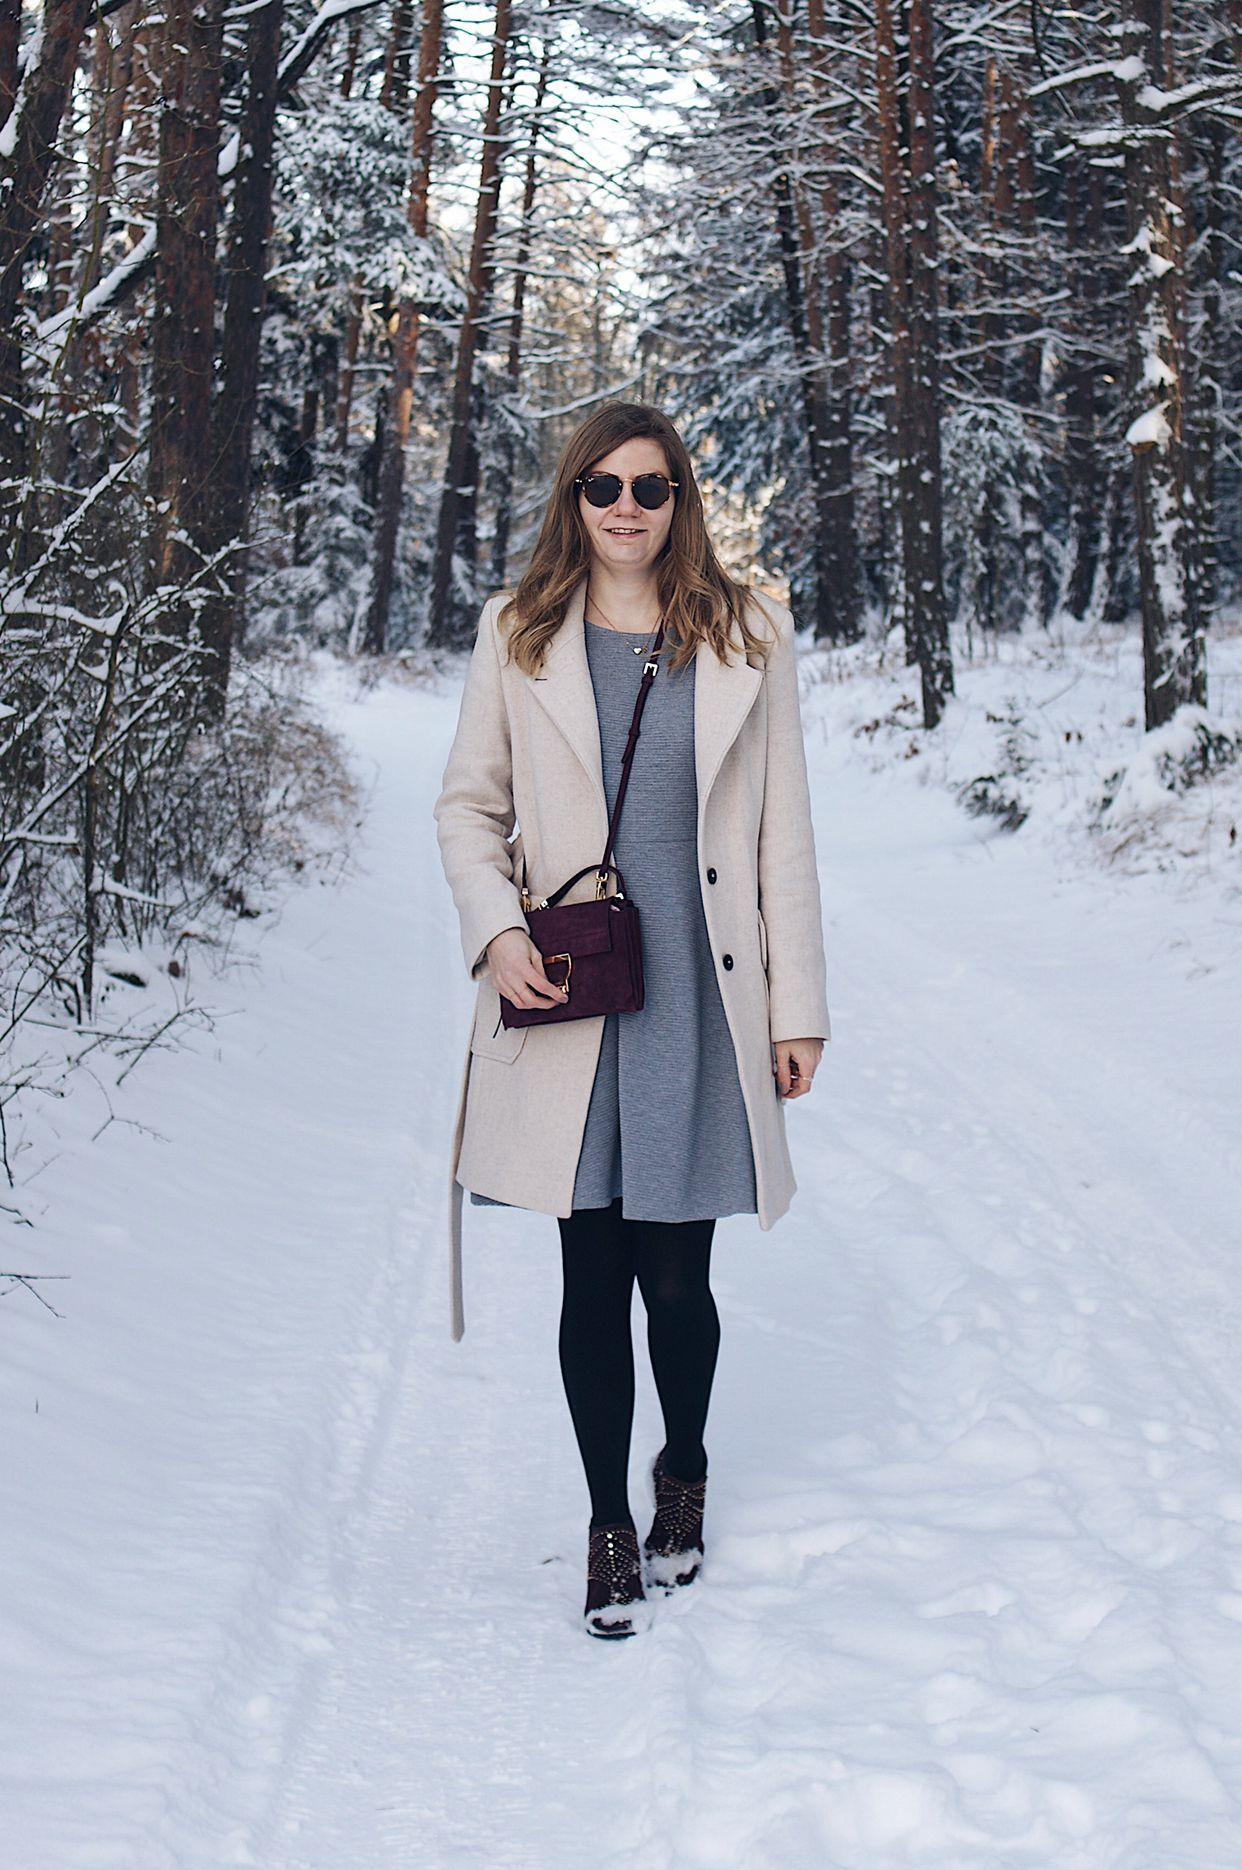 Winter Schnee Outfit Mit Kleid Mantel Und Boots Kleid Winter Outfit Mantel